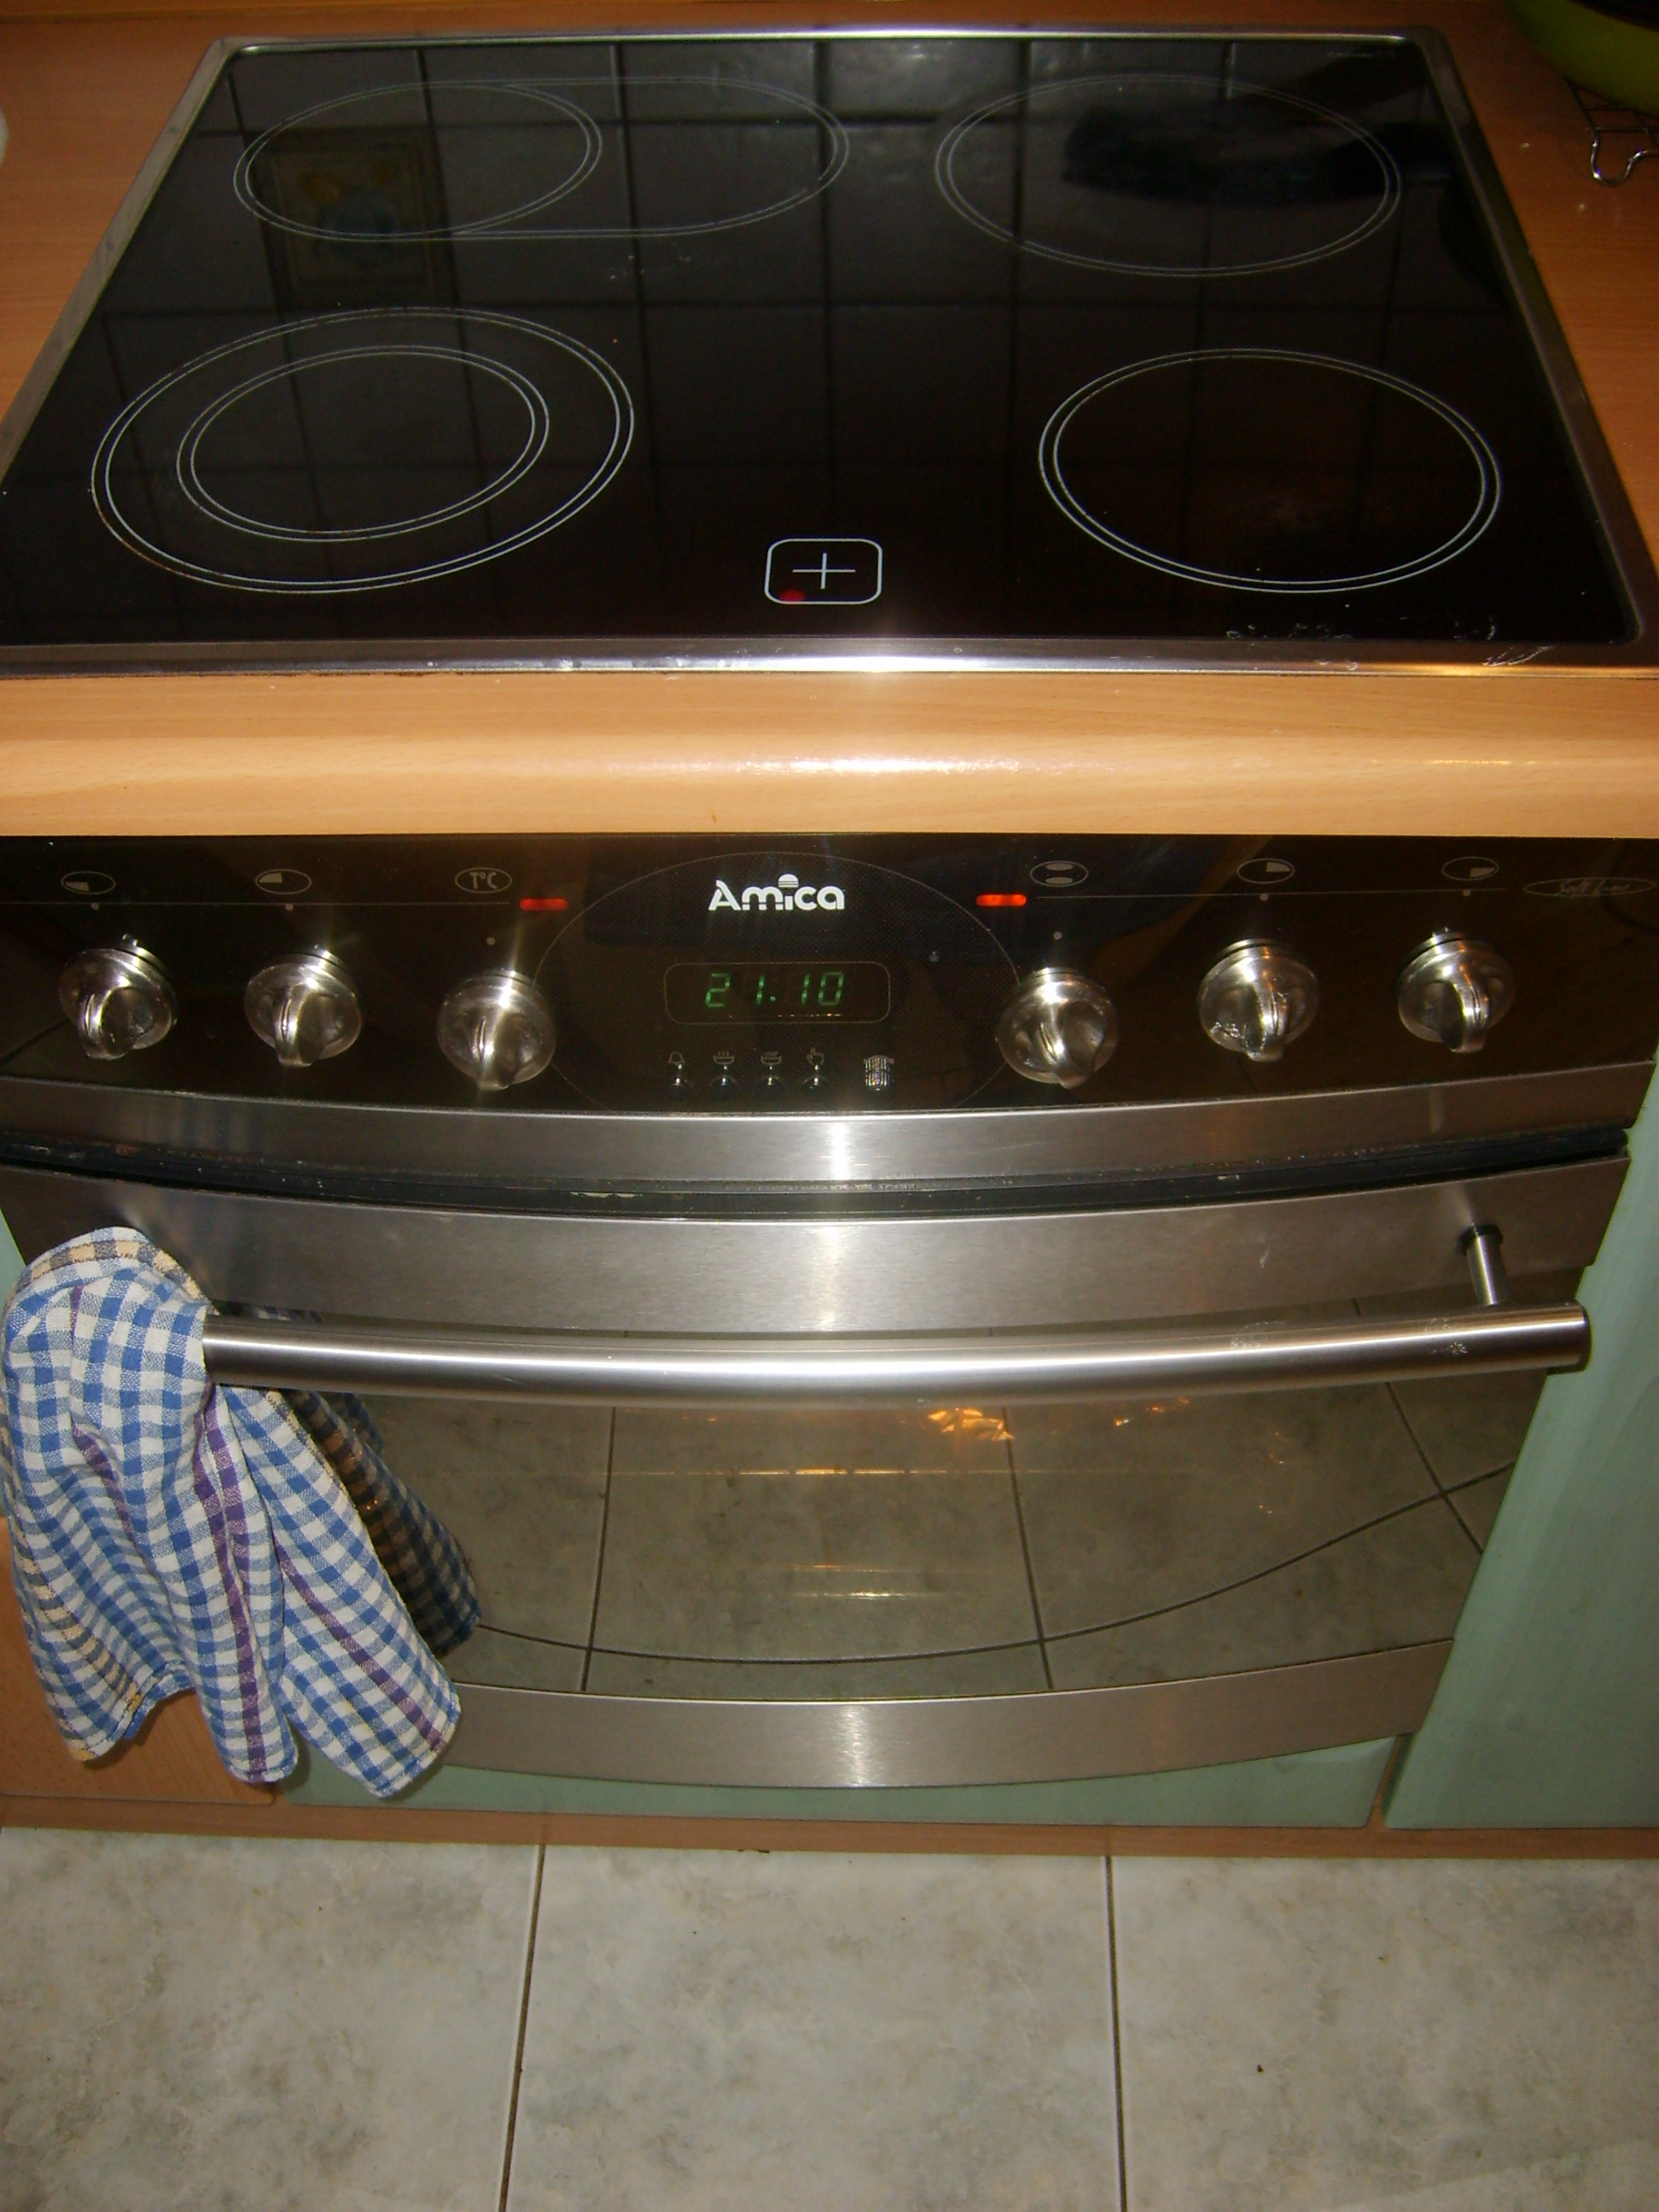 Szukam instrukcji do kuchni Amica SoftLine  zdjęcie , model nieznany  -> Kuchnia Amica Super Line Instrukcja